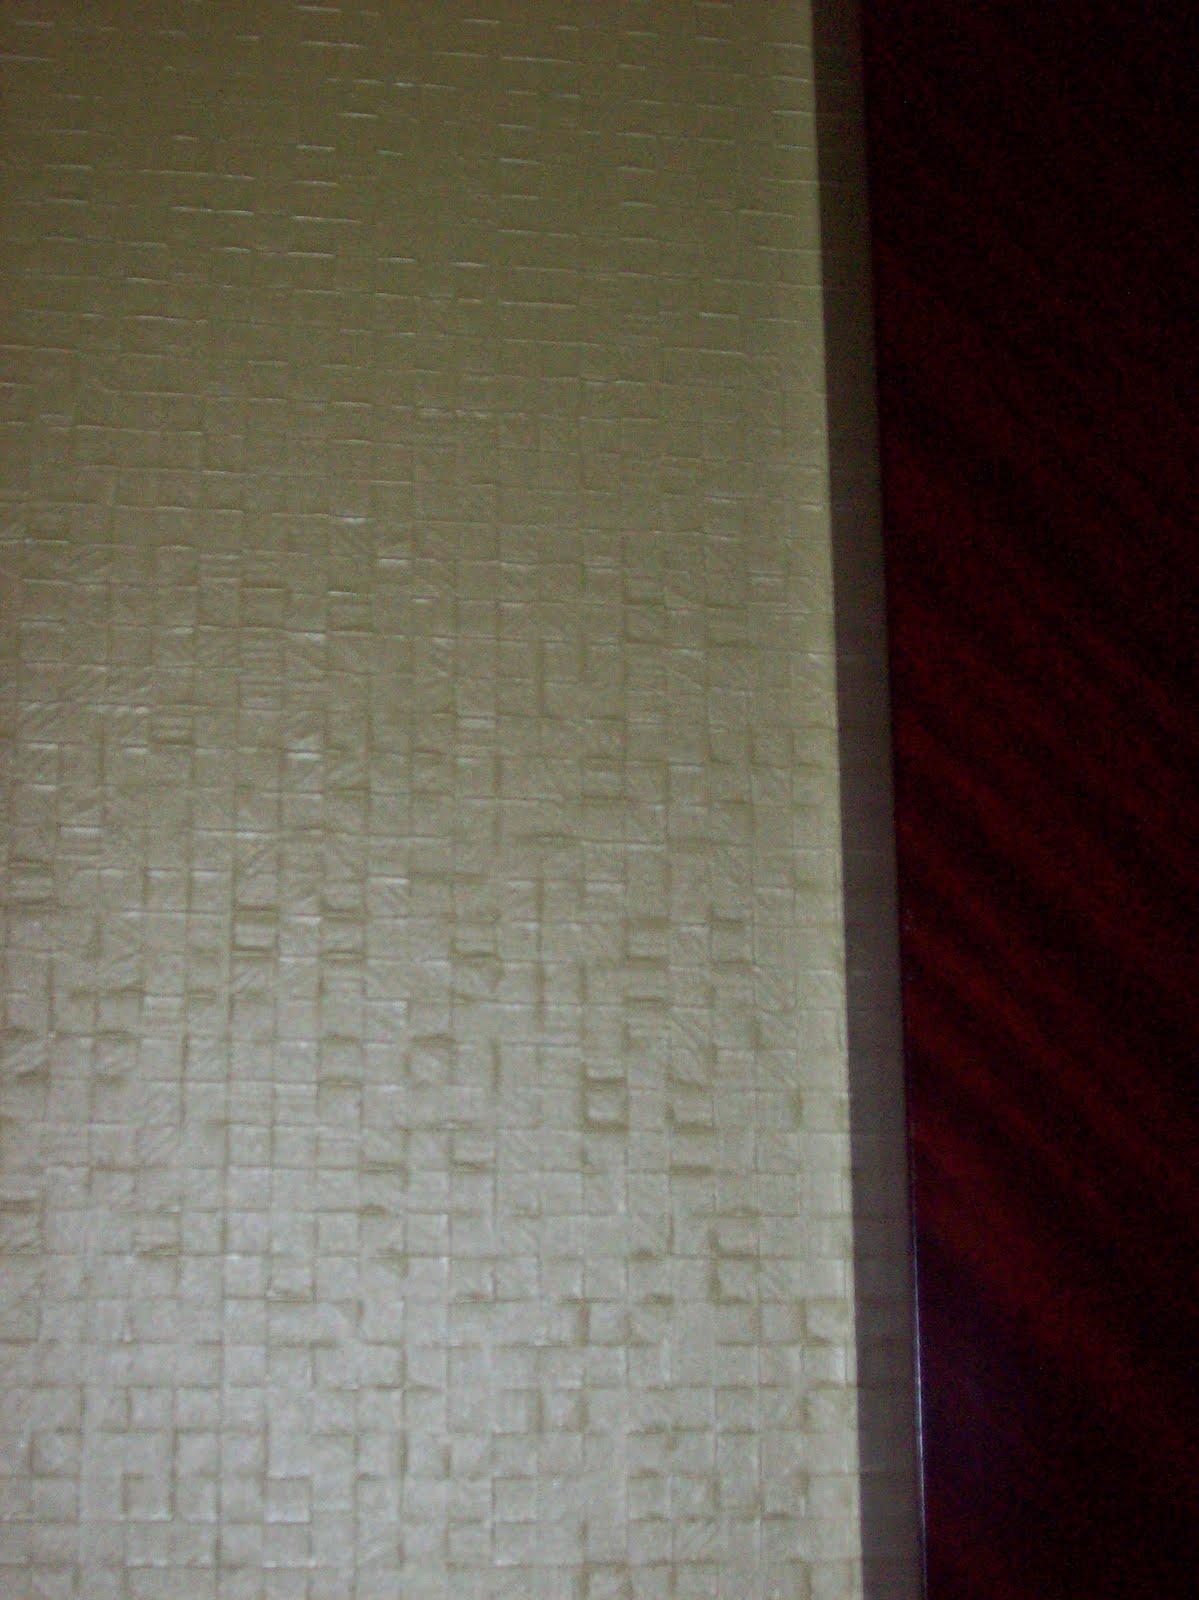 http://1.bp.blogspot.com/_JJkLOSDoASg/S8YUJFMUEYI/AAAAAAAADCw/Yf1qO7ZRcfw/s1600/b-day+032.jpg